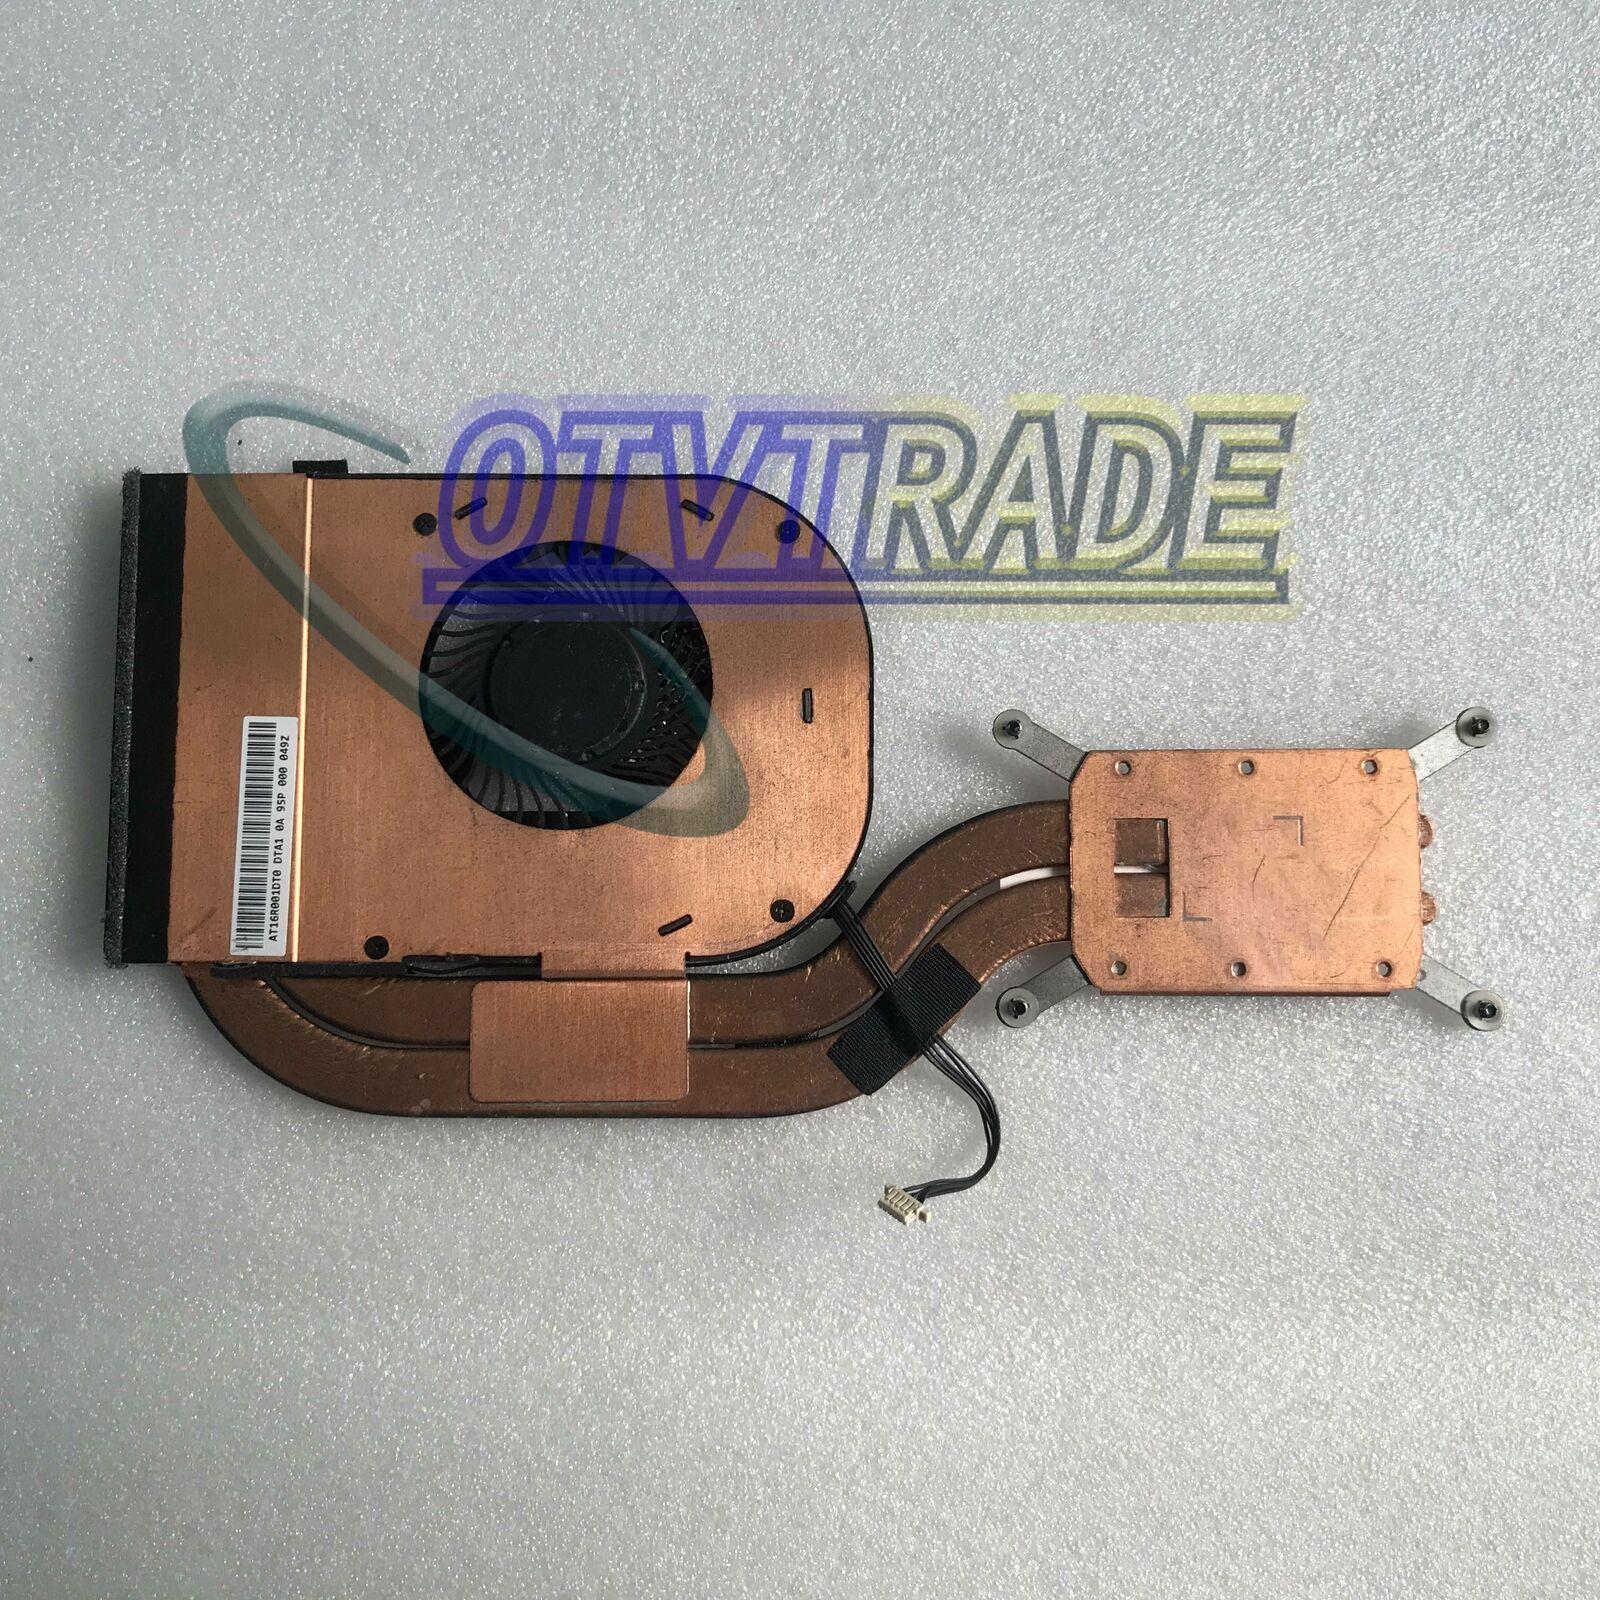 01YR204 Lenovo ThinkPad X1 Carbon 6Th Gen Heatsink & Fan 01YR204